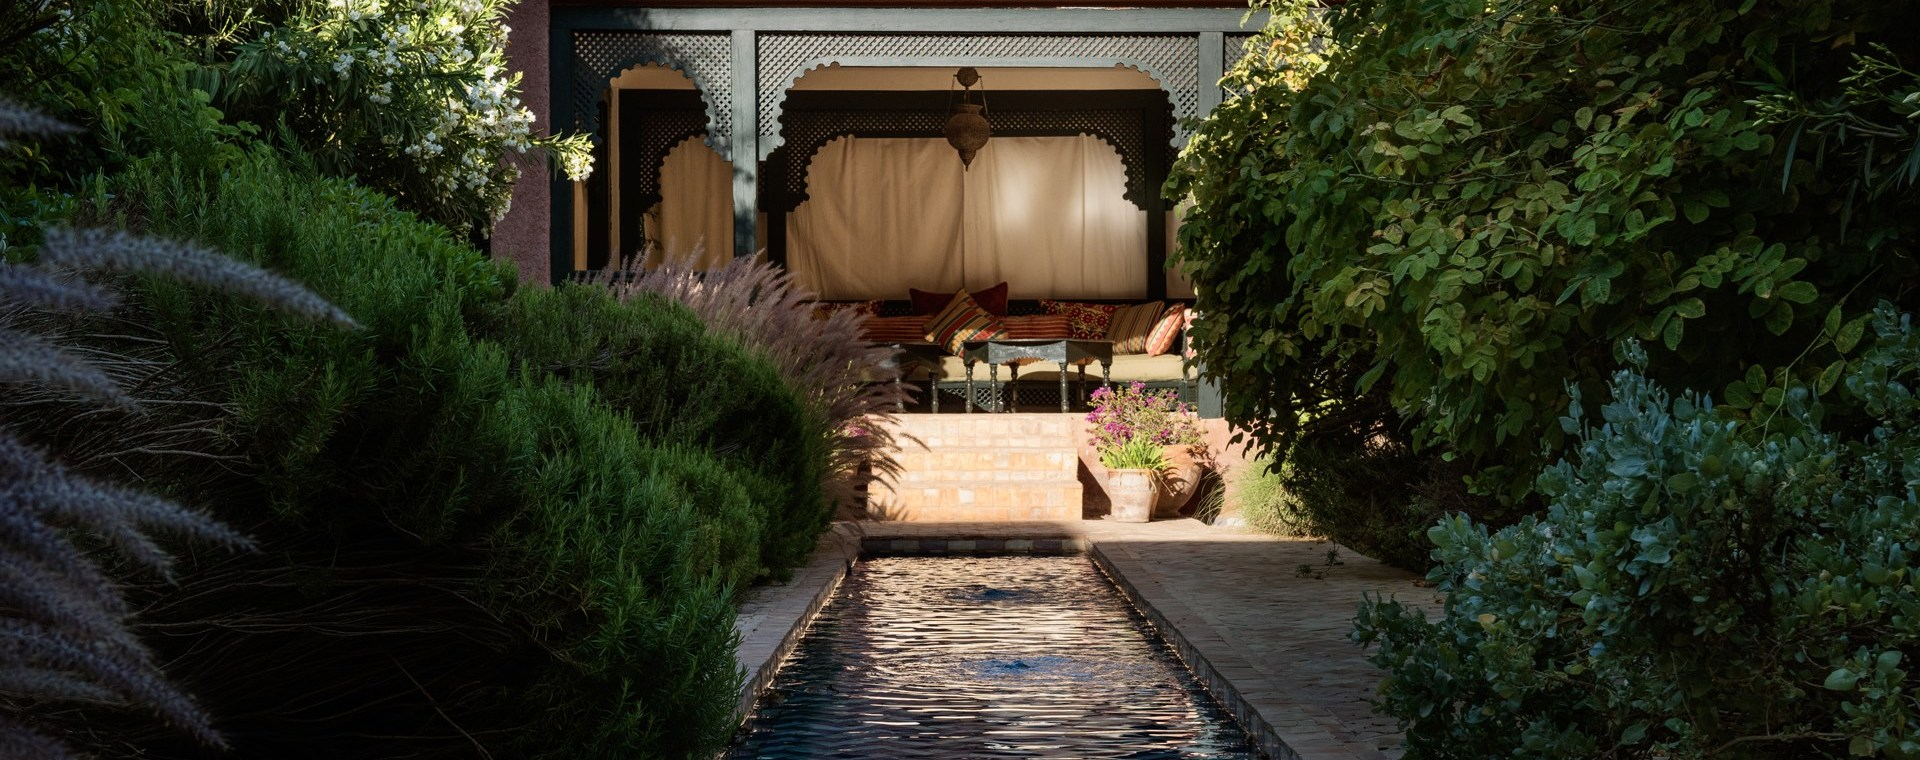 luxury-villa-holidays-marrakech